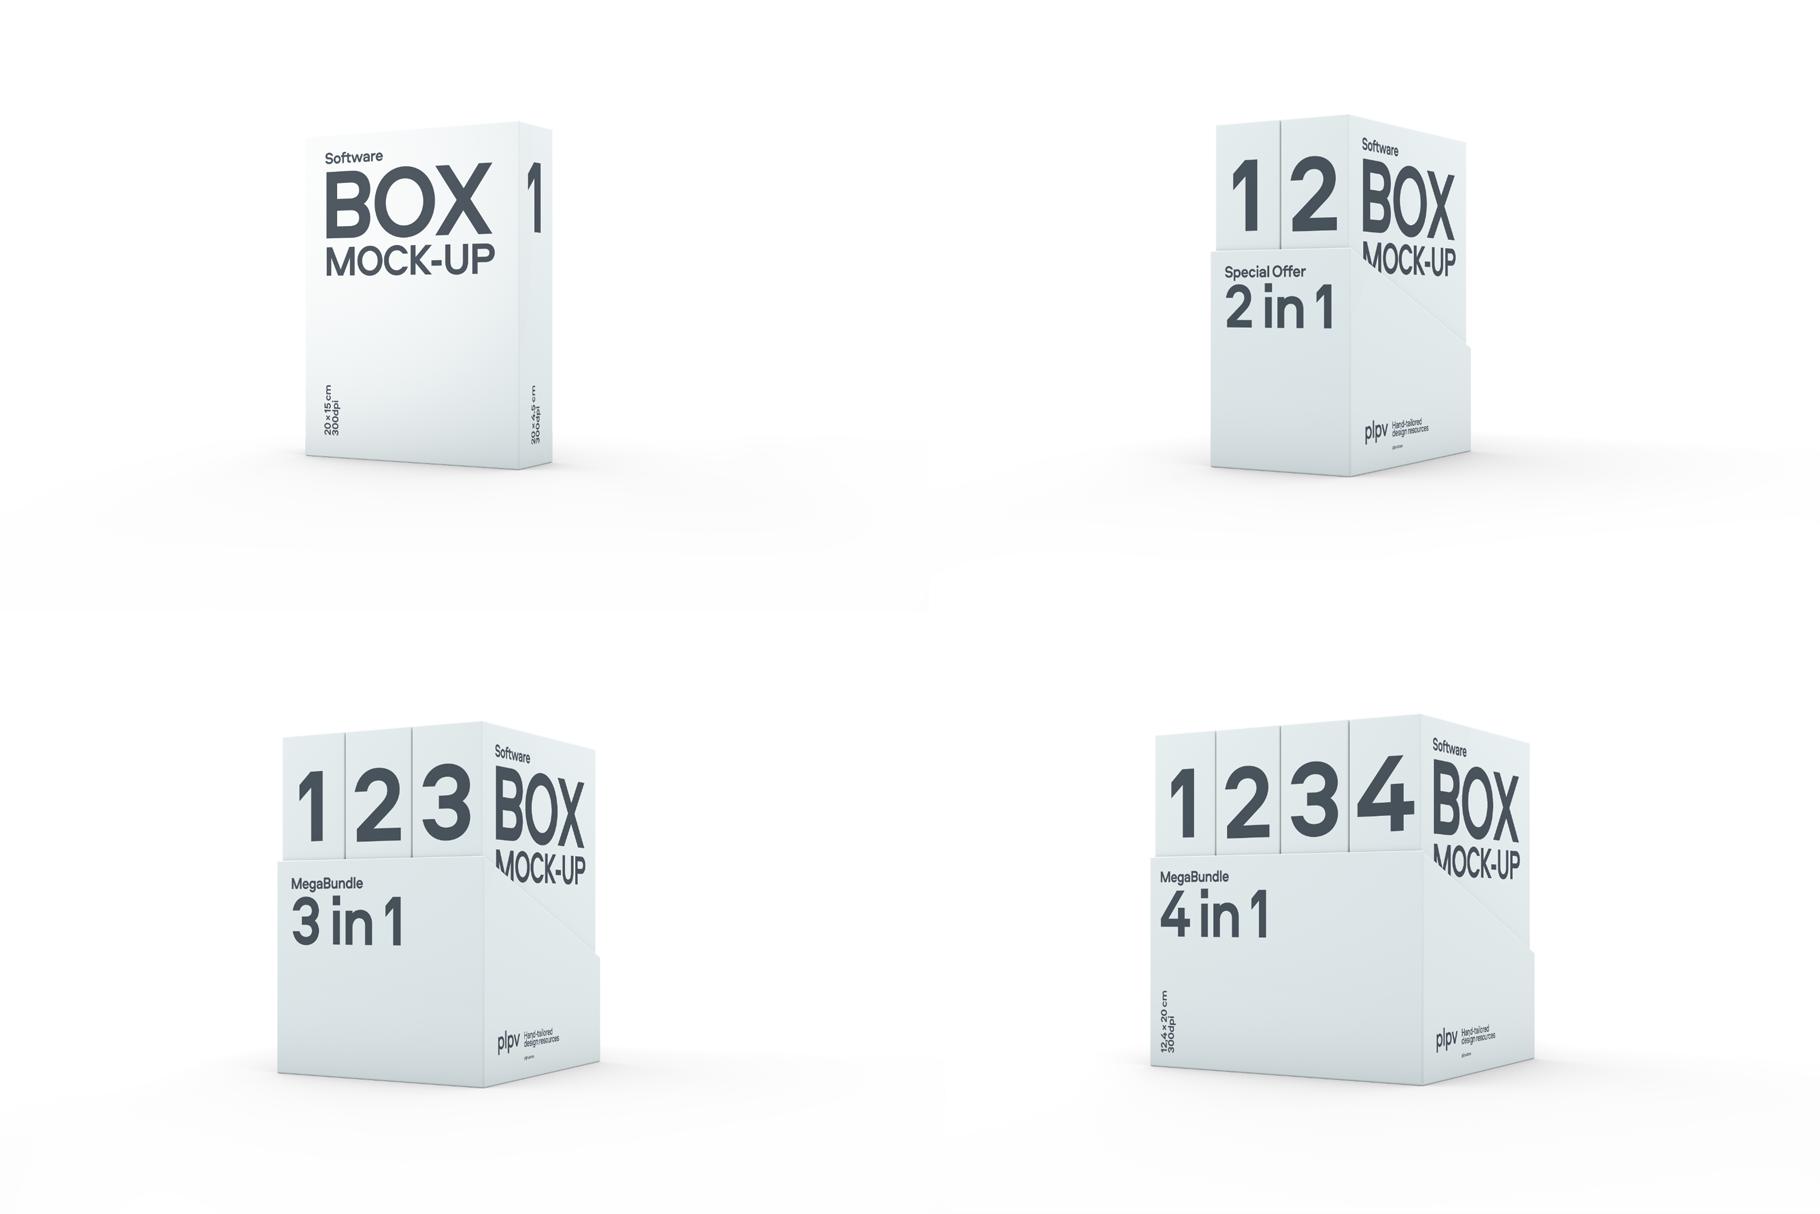 Software Box Mockup example image 6